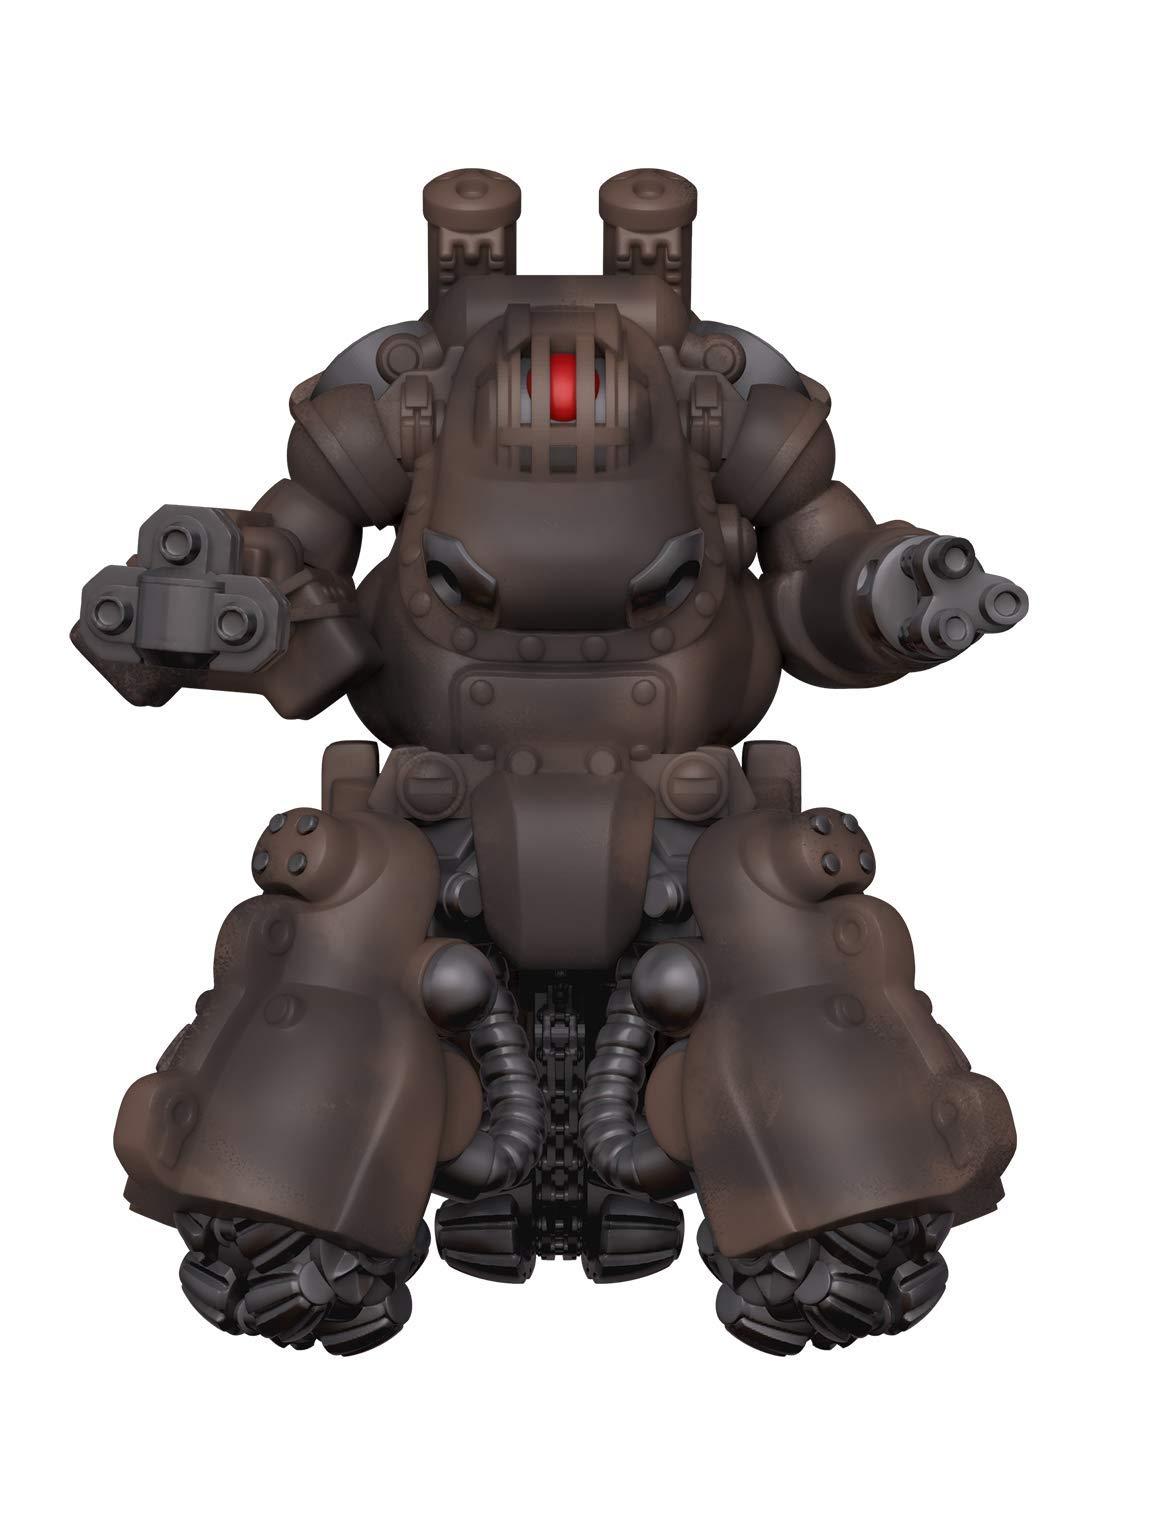 Funko Pop! Games: Fallout - Sentry Bot 6'', Multicolor